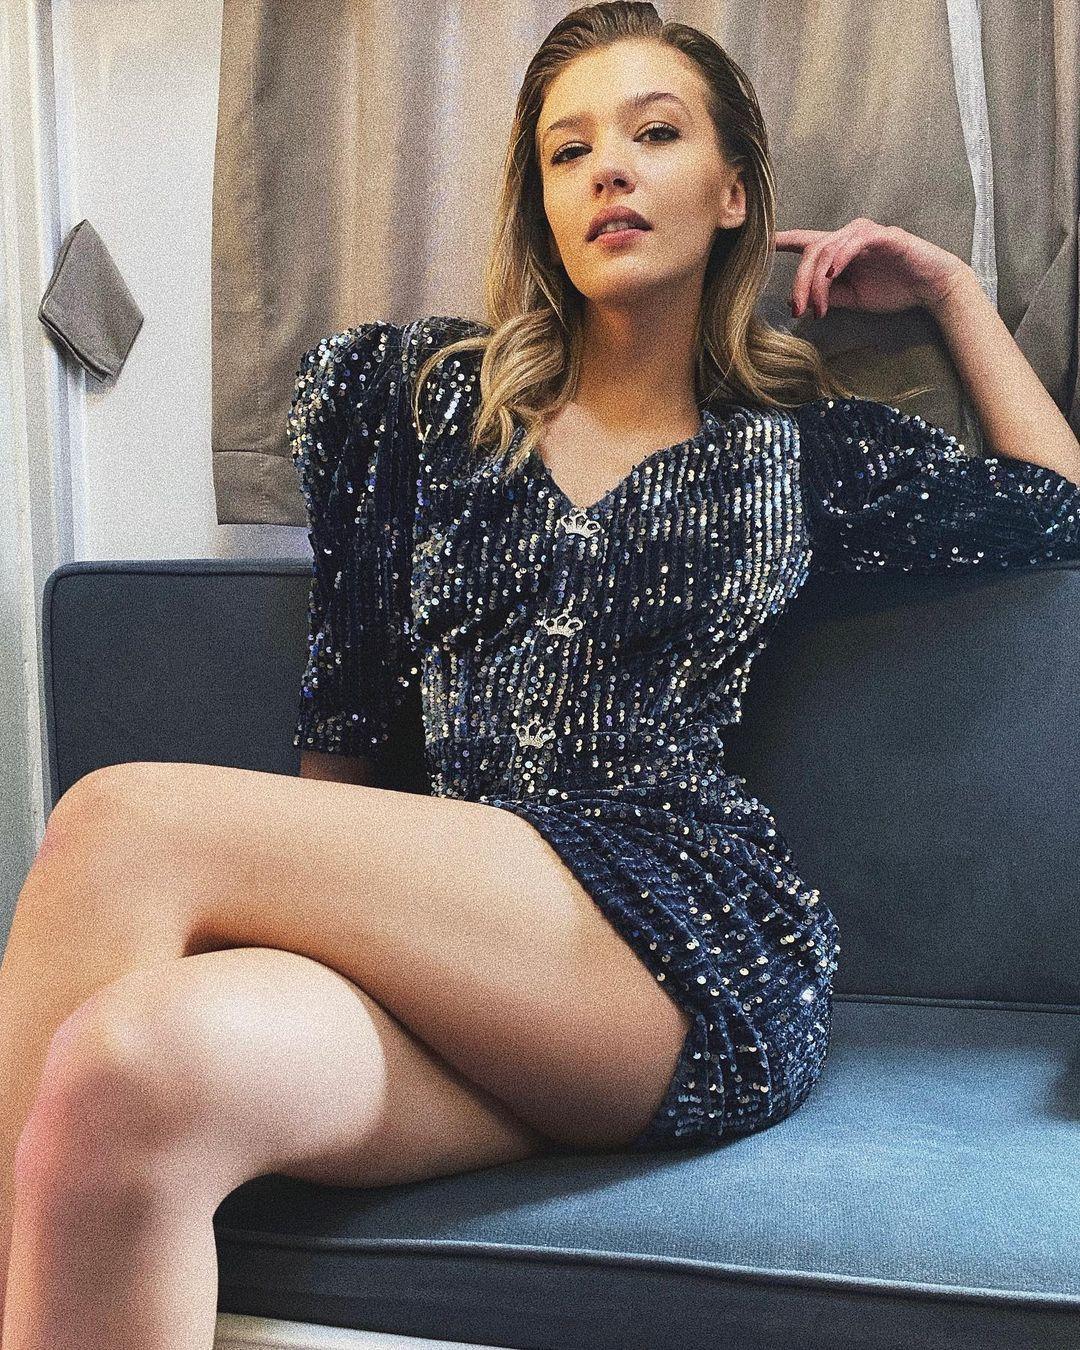 Aşk Mantık İntikam'ın Çağla'sı Melisa Döngel derin göğüs dekolteli poz! Instagram'ı yaktı geçti... - Sayfa 4